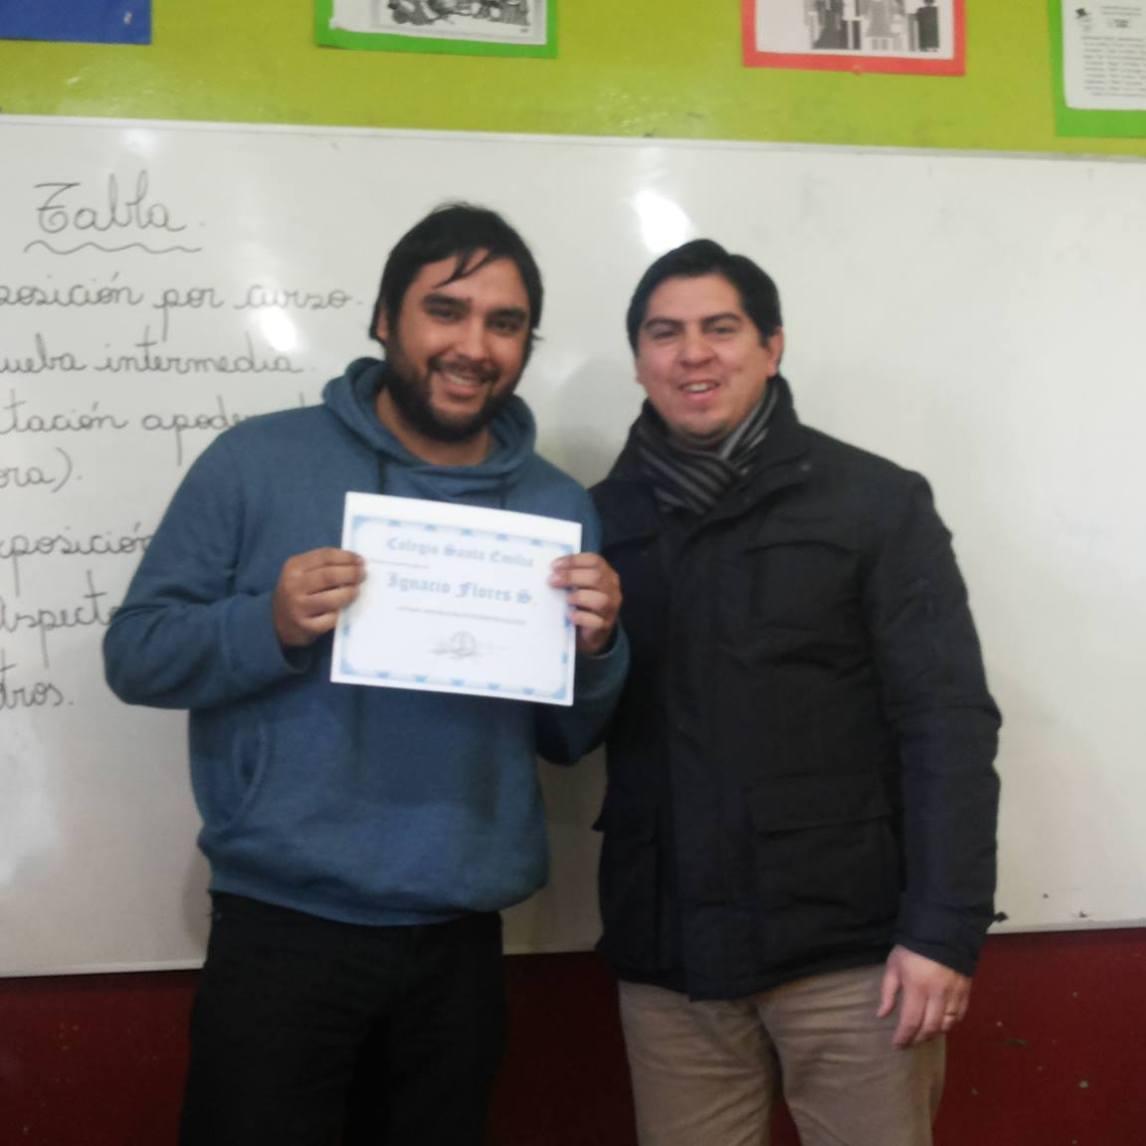 Ambos profesores destacan por su perfil , exigencias y espíritu positivo del trabajo con sus alumnos ......Felicitaciones.....